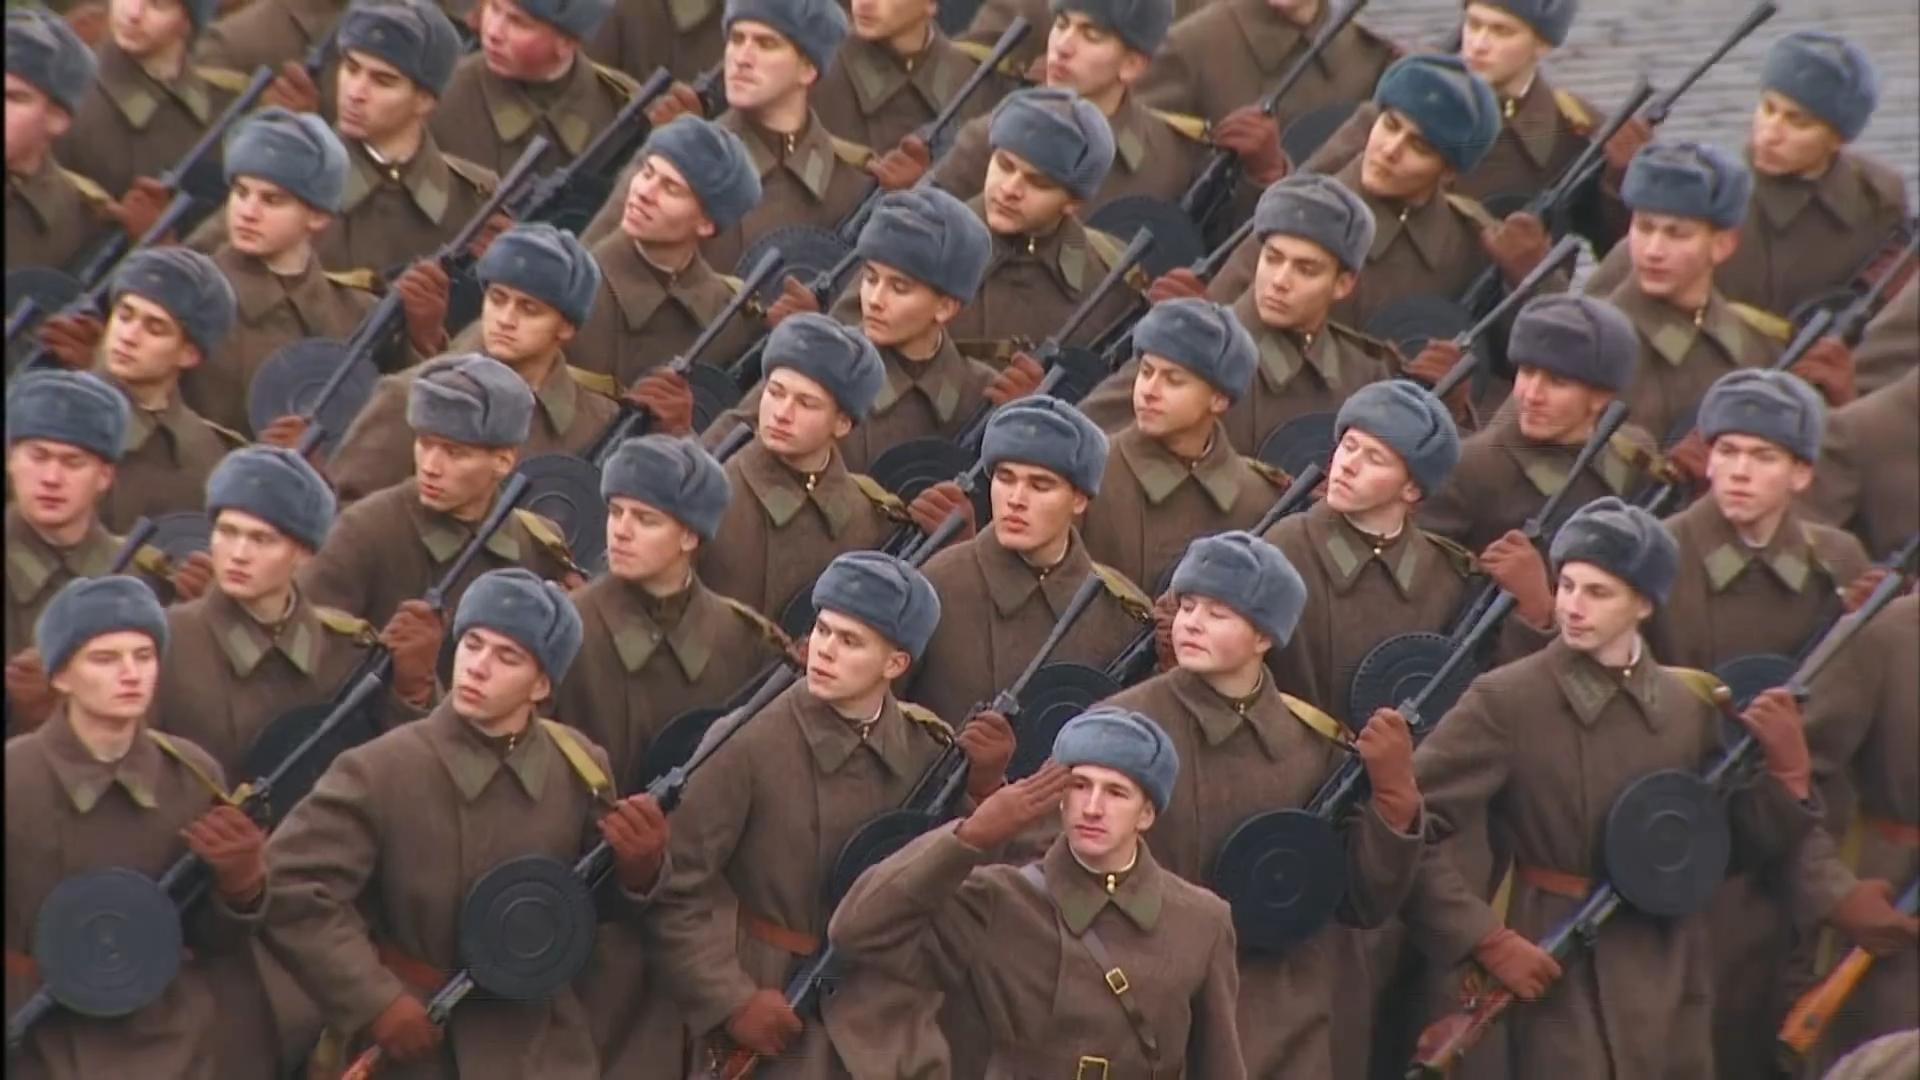 43-Марш в честь годовщины парада на Красной площади 1941-го года в Москве. Прямая трансляция